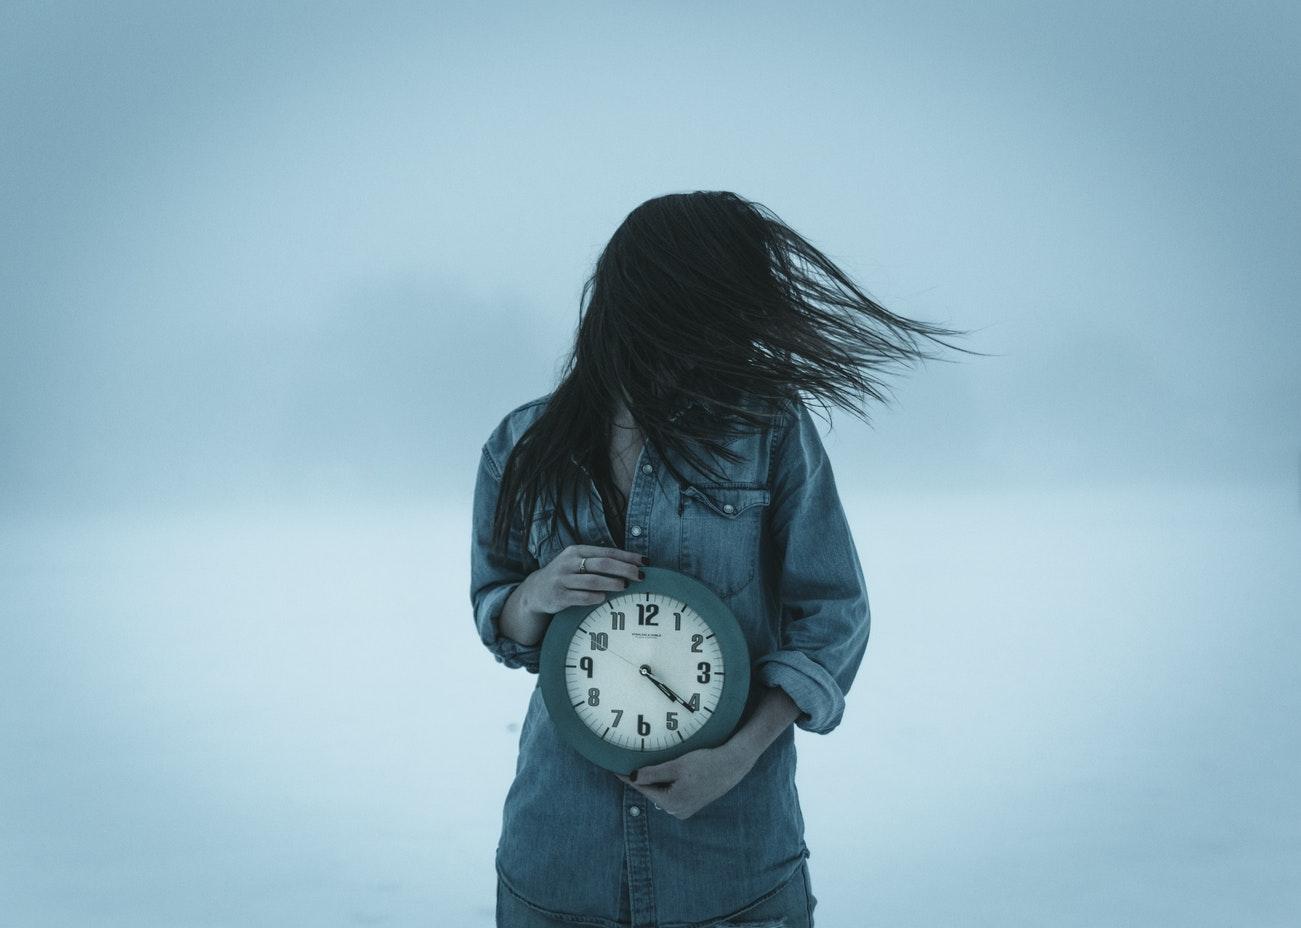 Timpul se comprimă, nu suntem stăpânii Universului